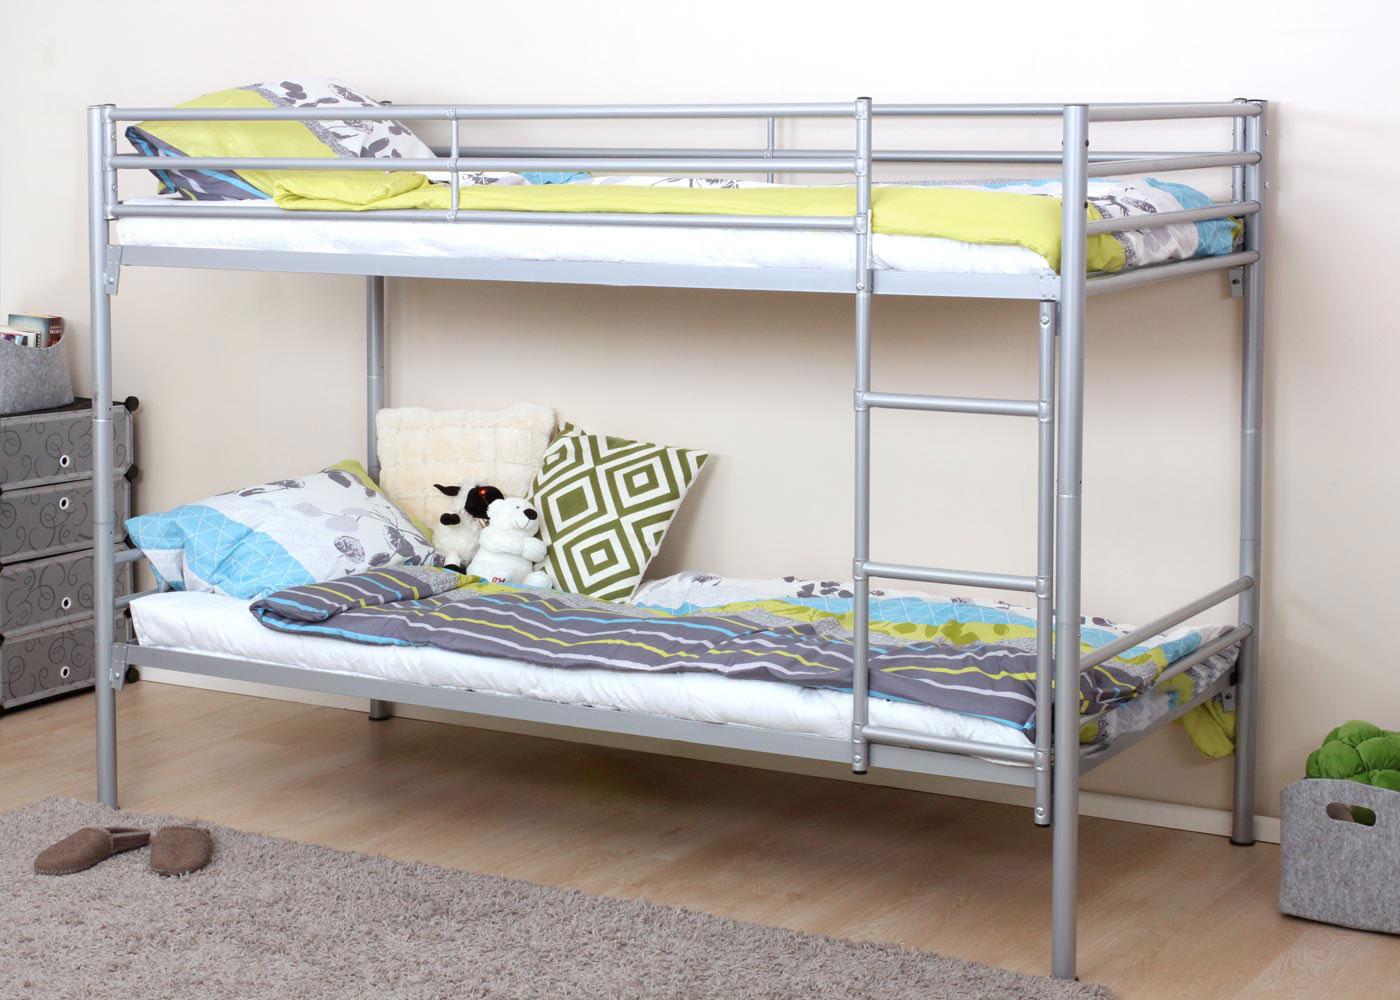 Etagenbett Leiter : Etagenbett hwc d hochbett gästebett bett metallbett stockbett